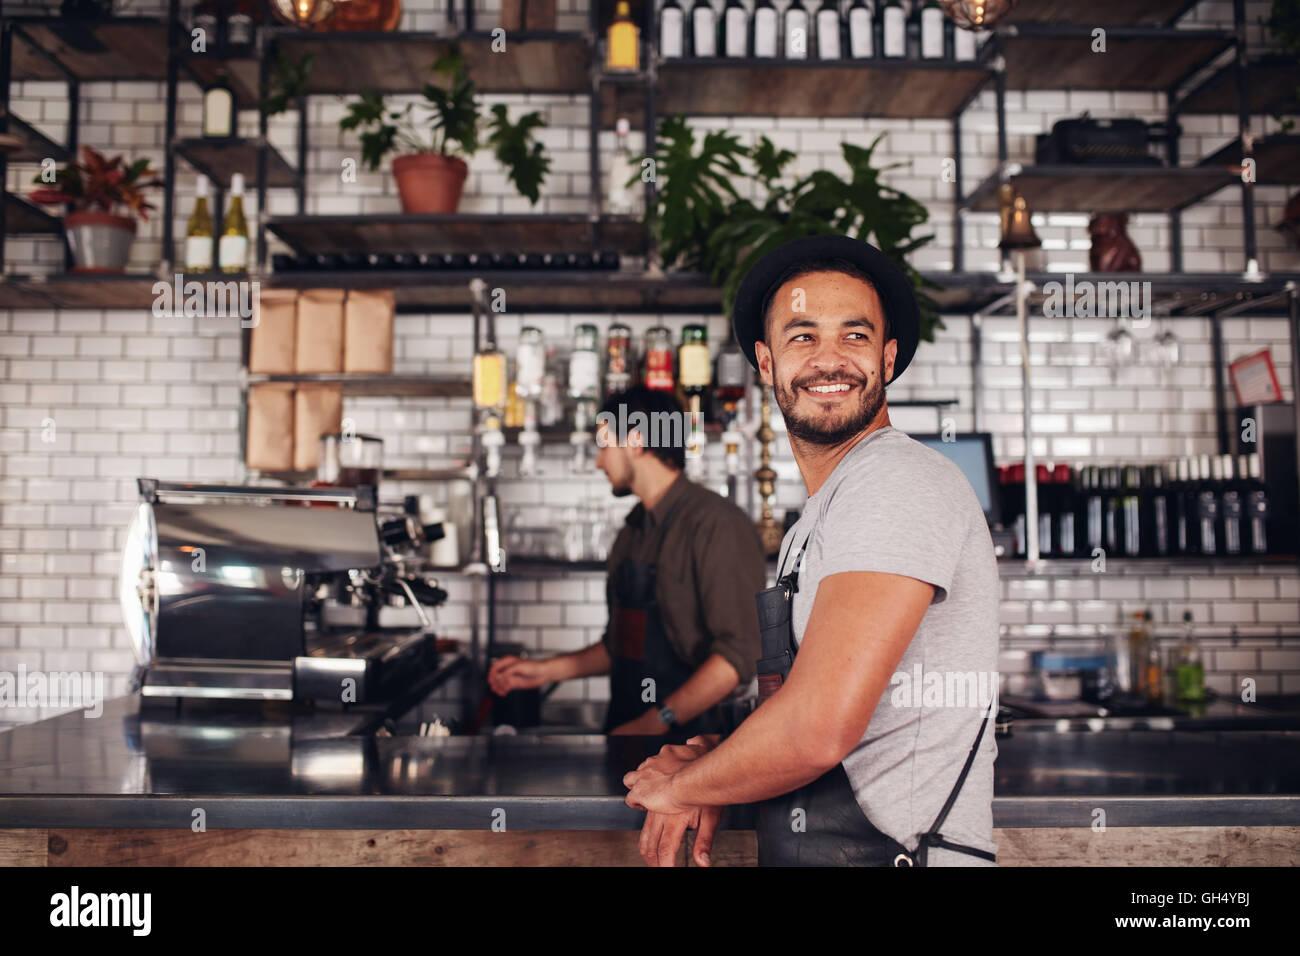 Coffee shop proprietario in piedi con la barista lavorare dietro il bancone la preparazione di bevande. Immagini Stock